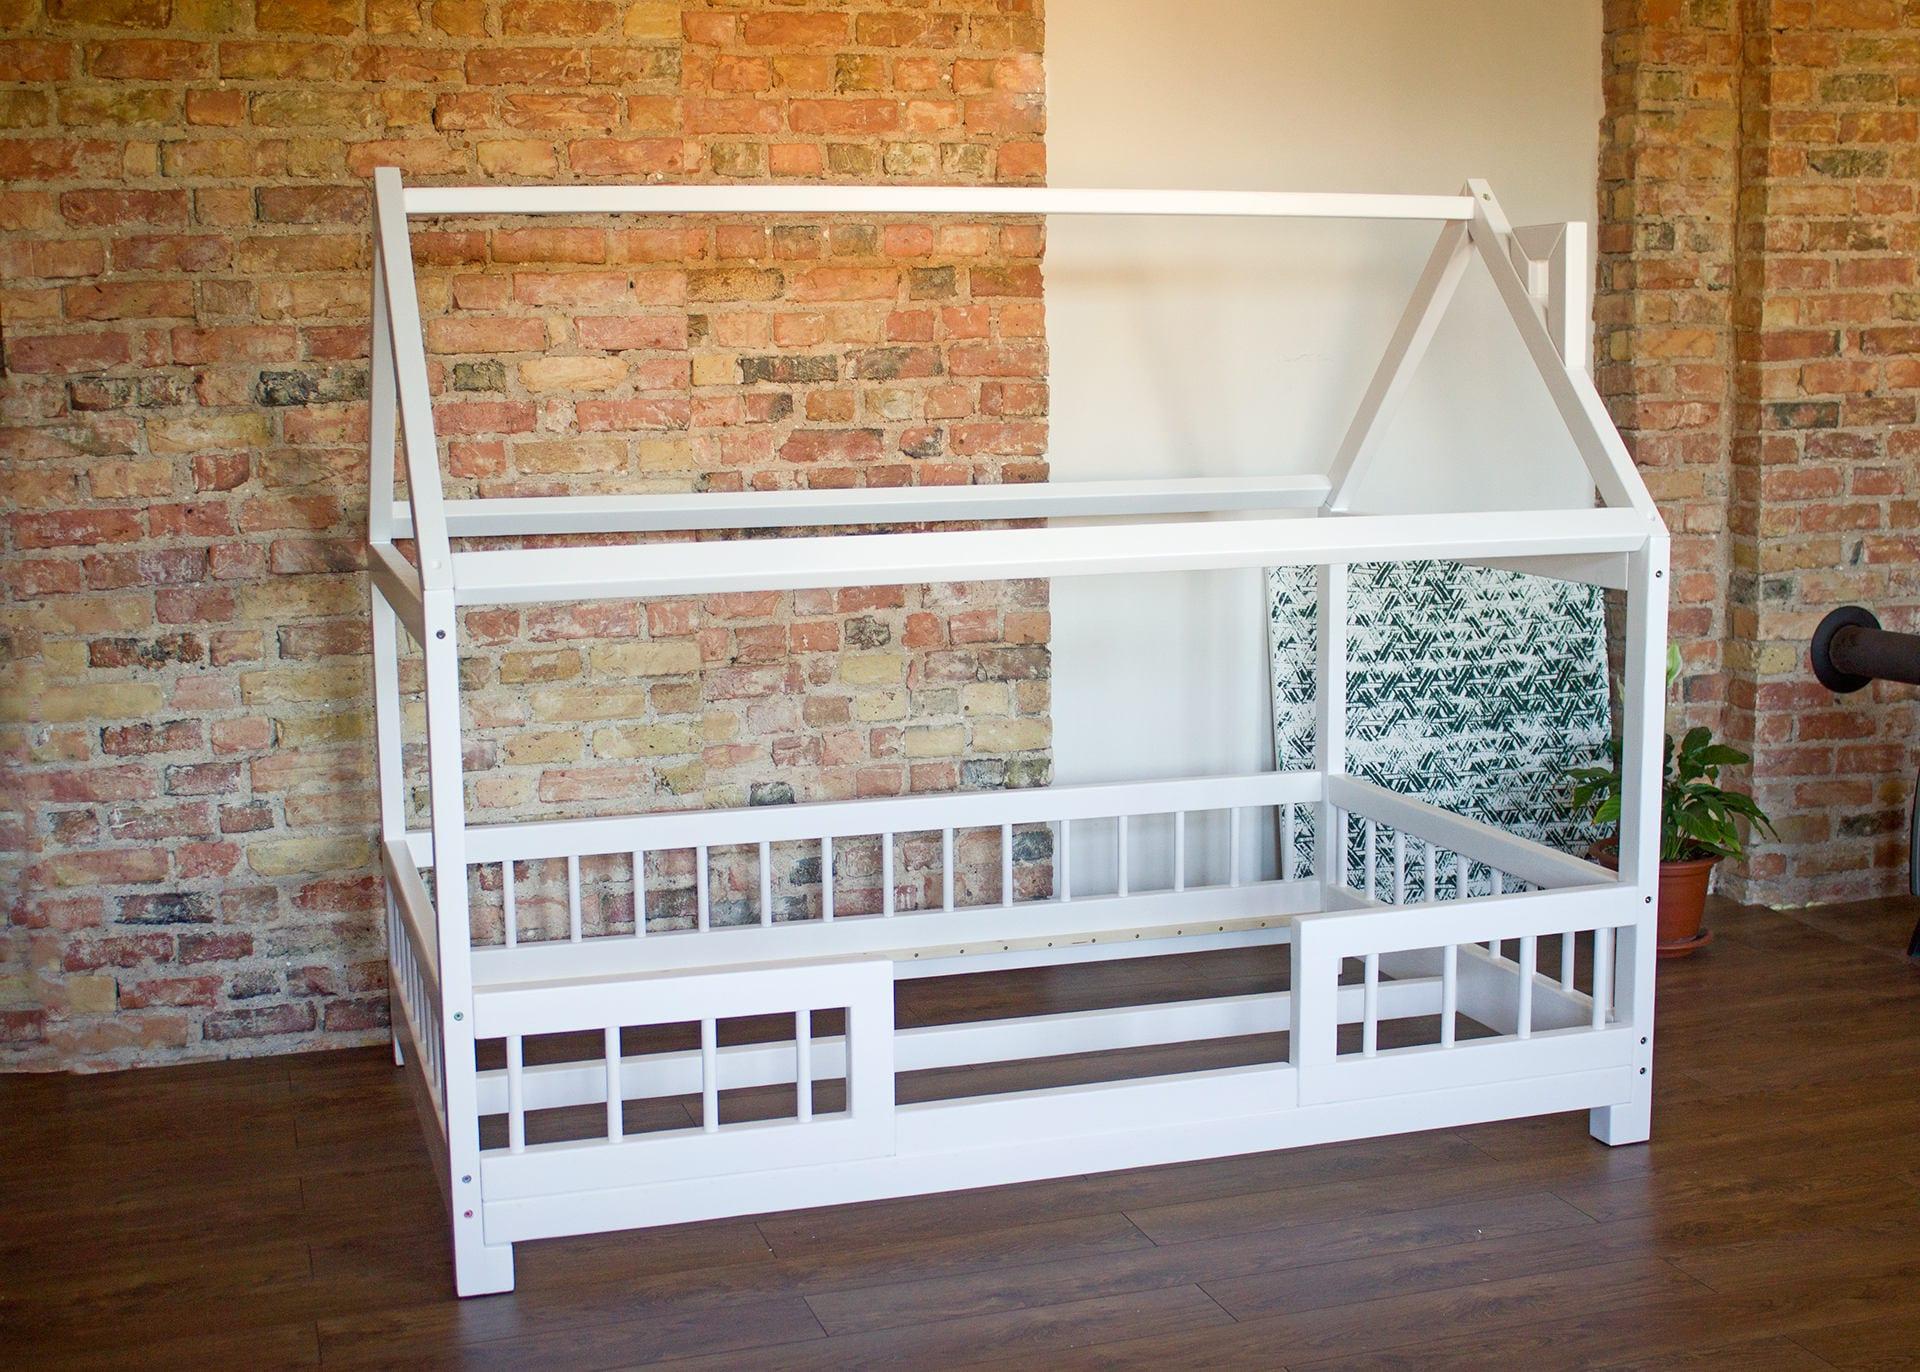 Montessori-Bett Kinderbett Haus Kindermöbel